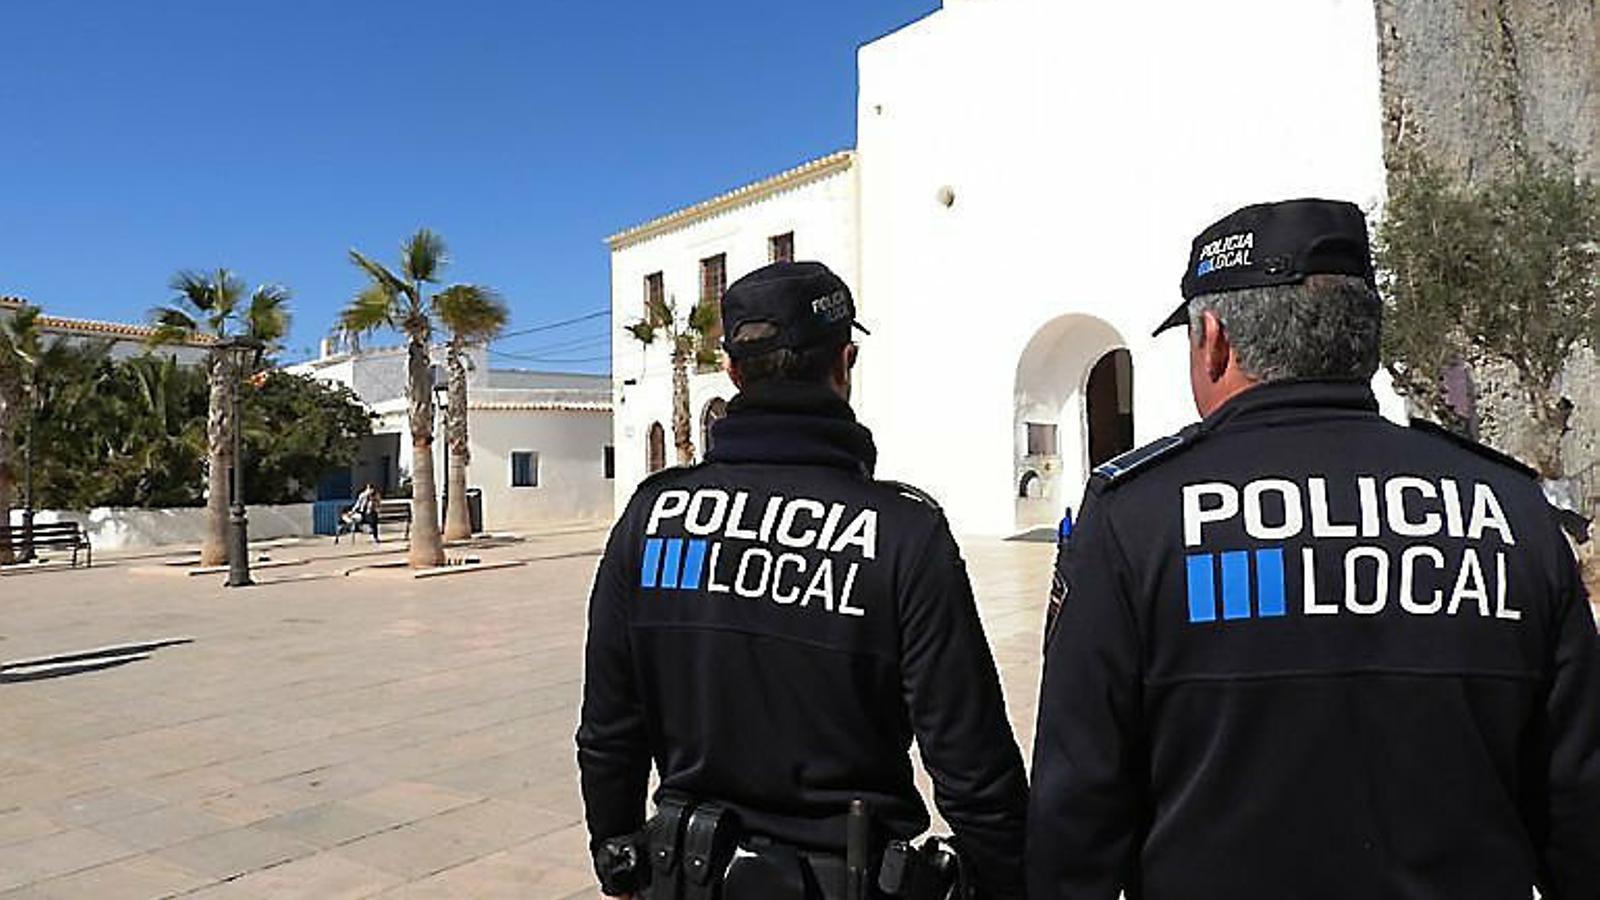 Les policies locals s'integraran en el Sistema de Seguiment Integral en els casos de Violència de Gènere.